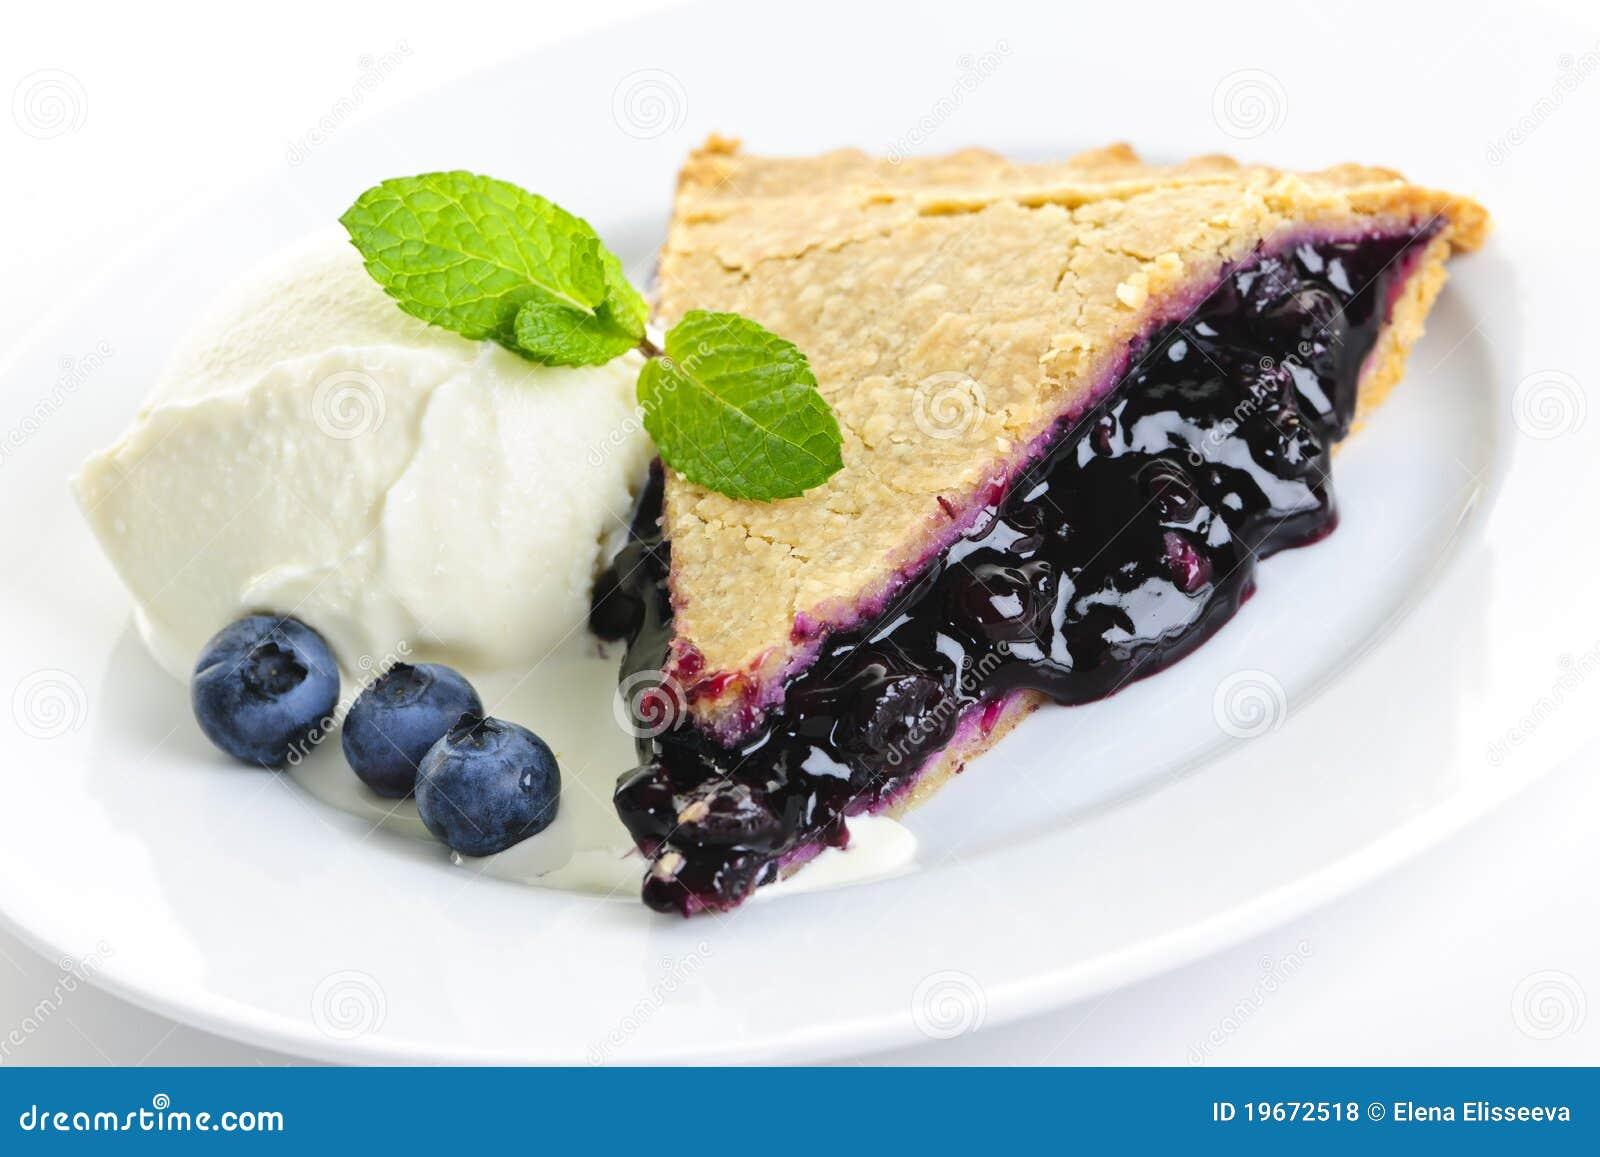 Пирог с черникой в собственном соку рецепт